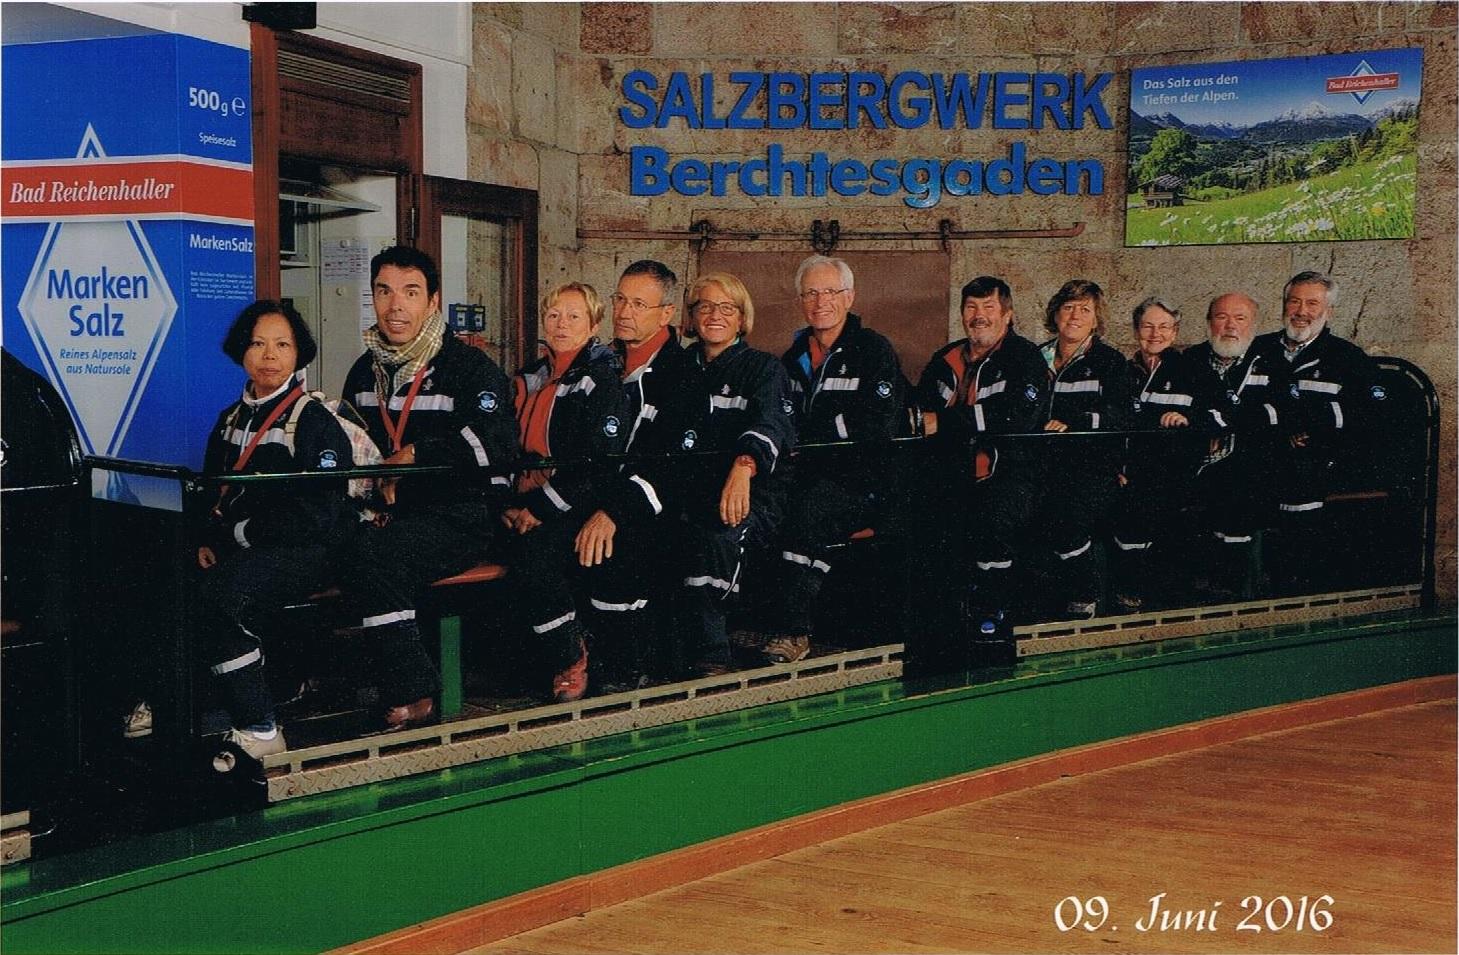 sbf-berchtesgaden